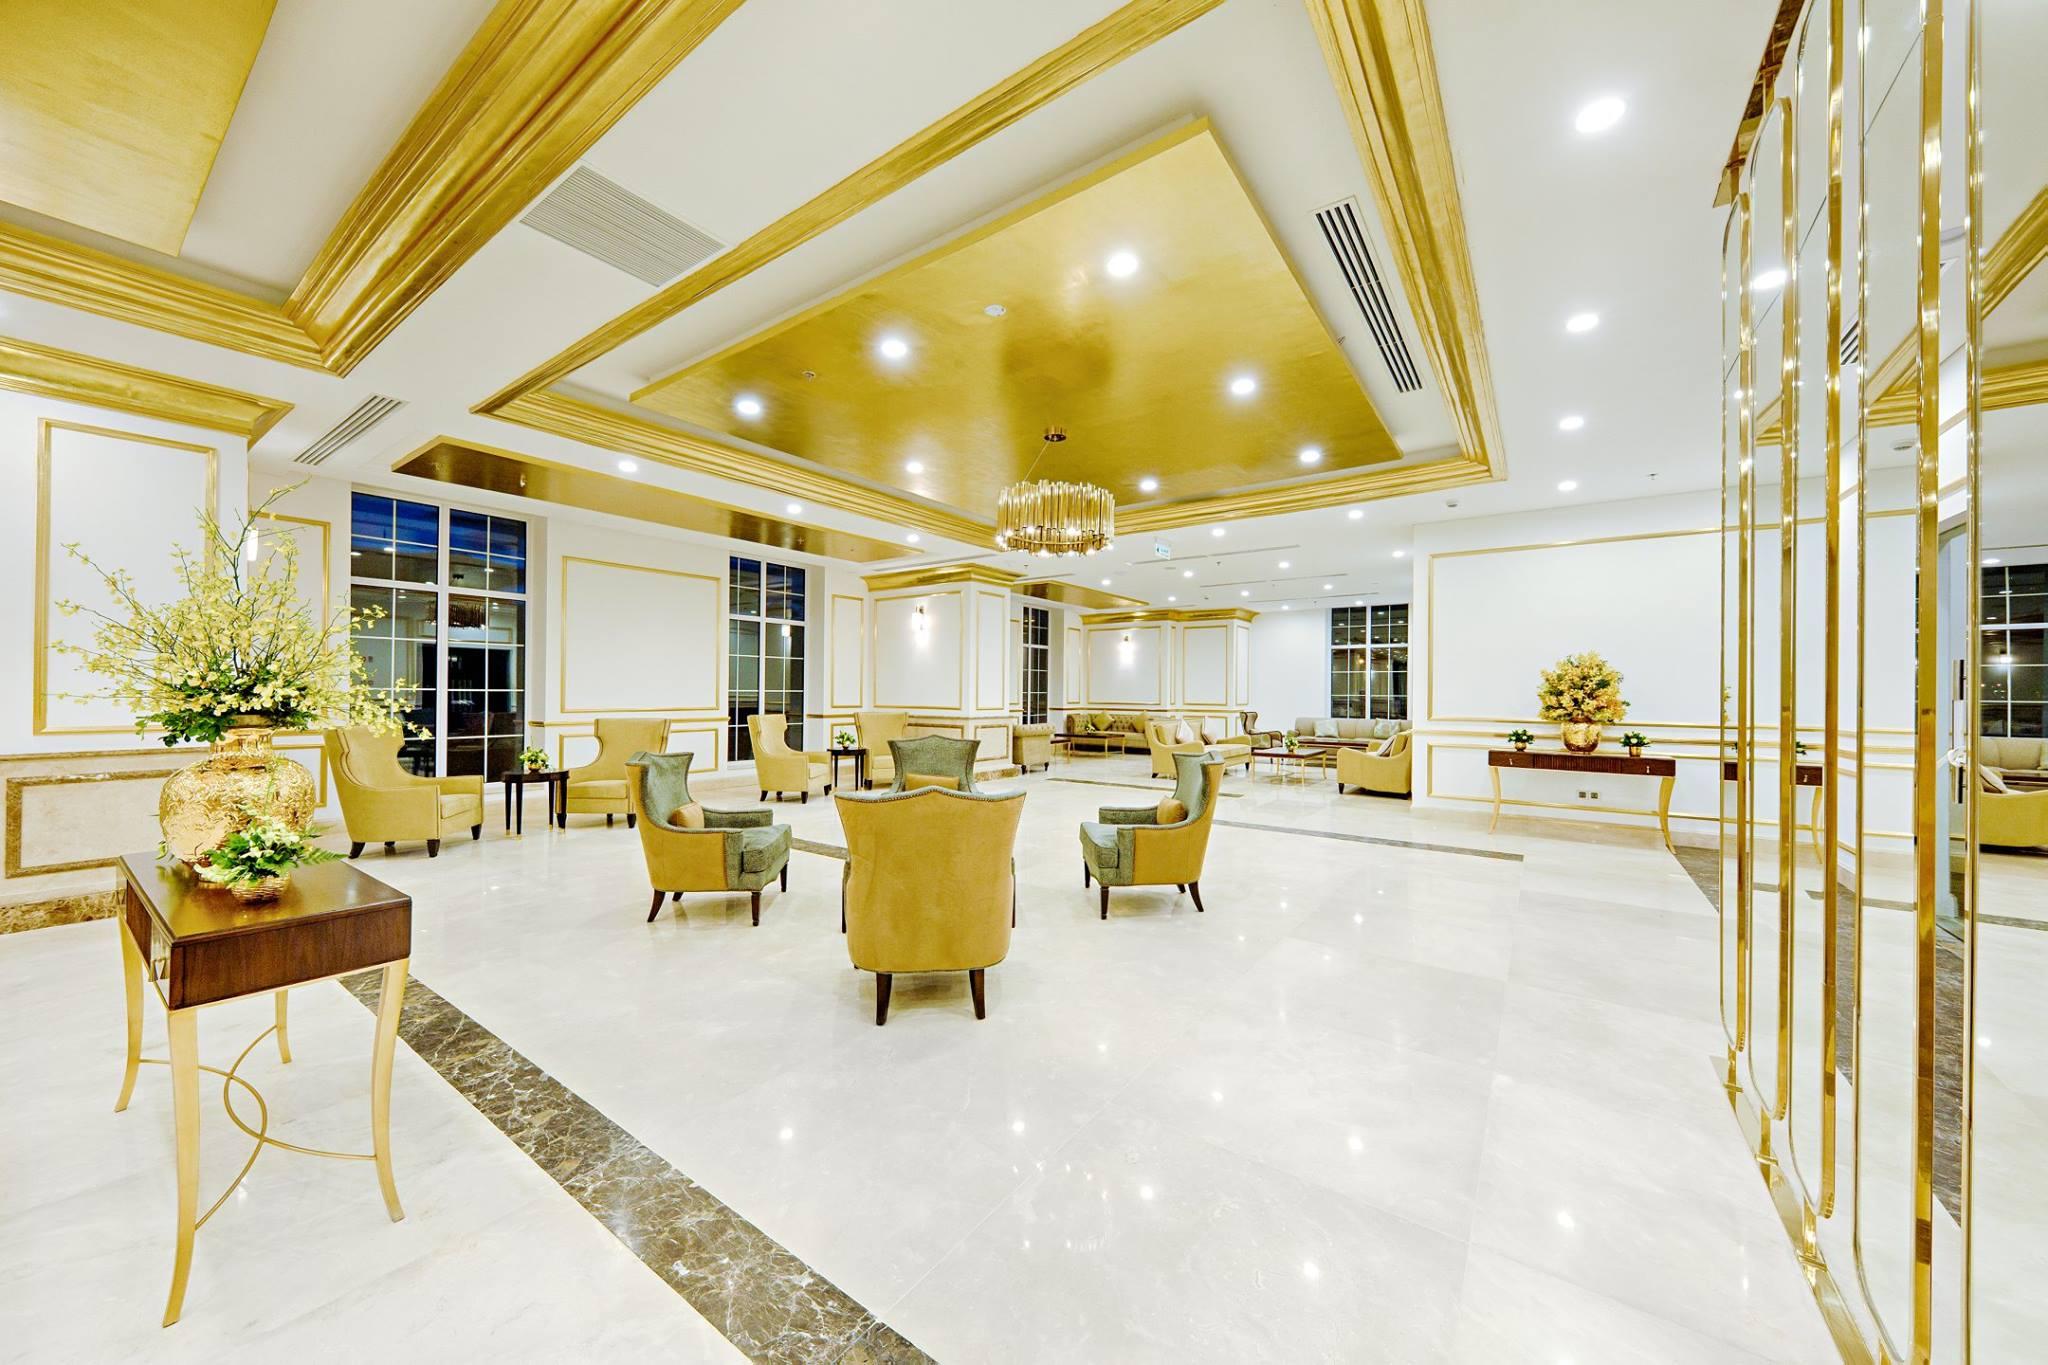 golden-bay-da-nang-ivivu-30